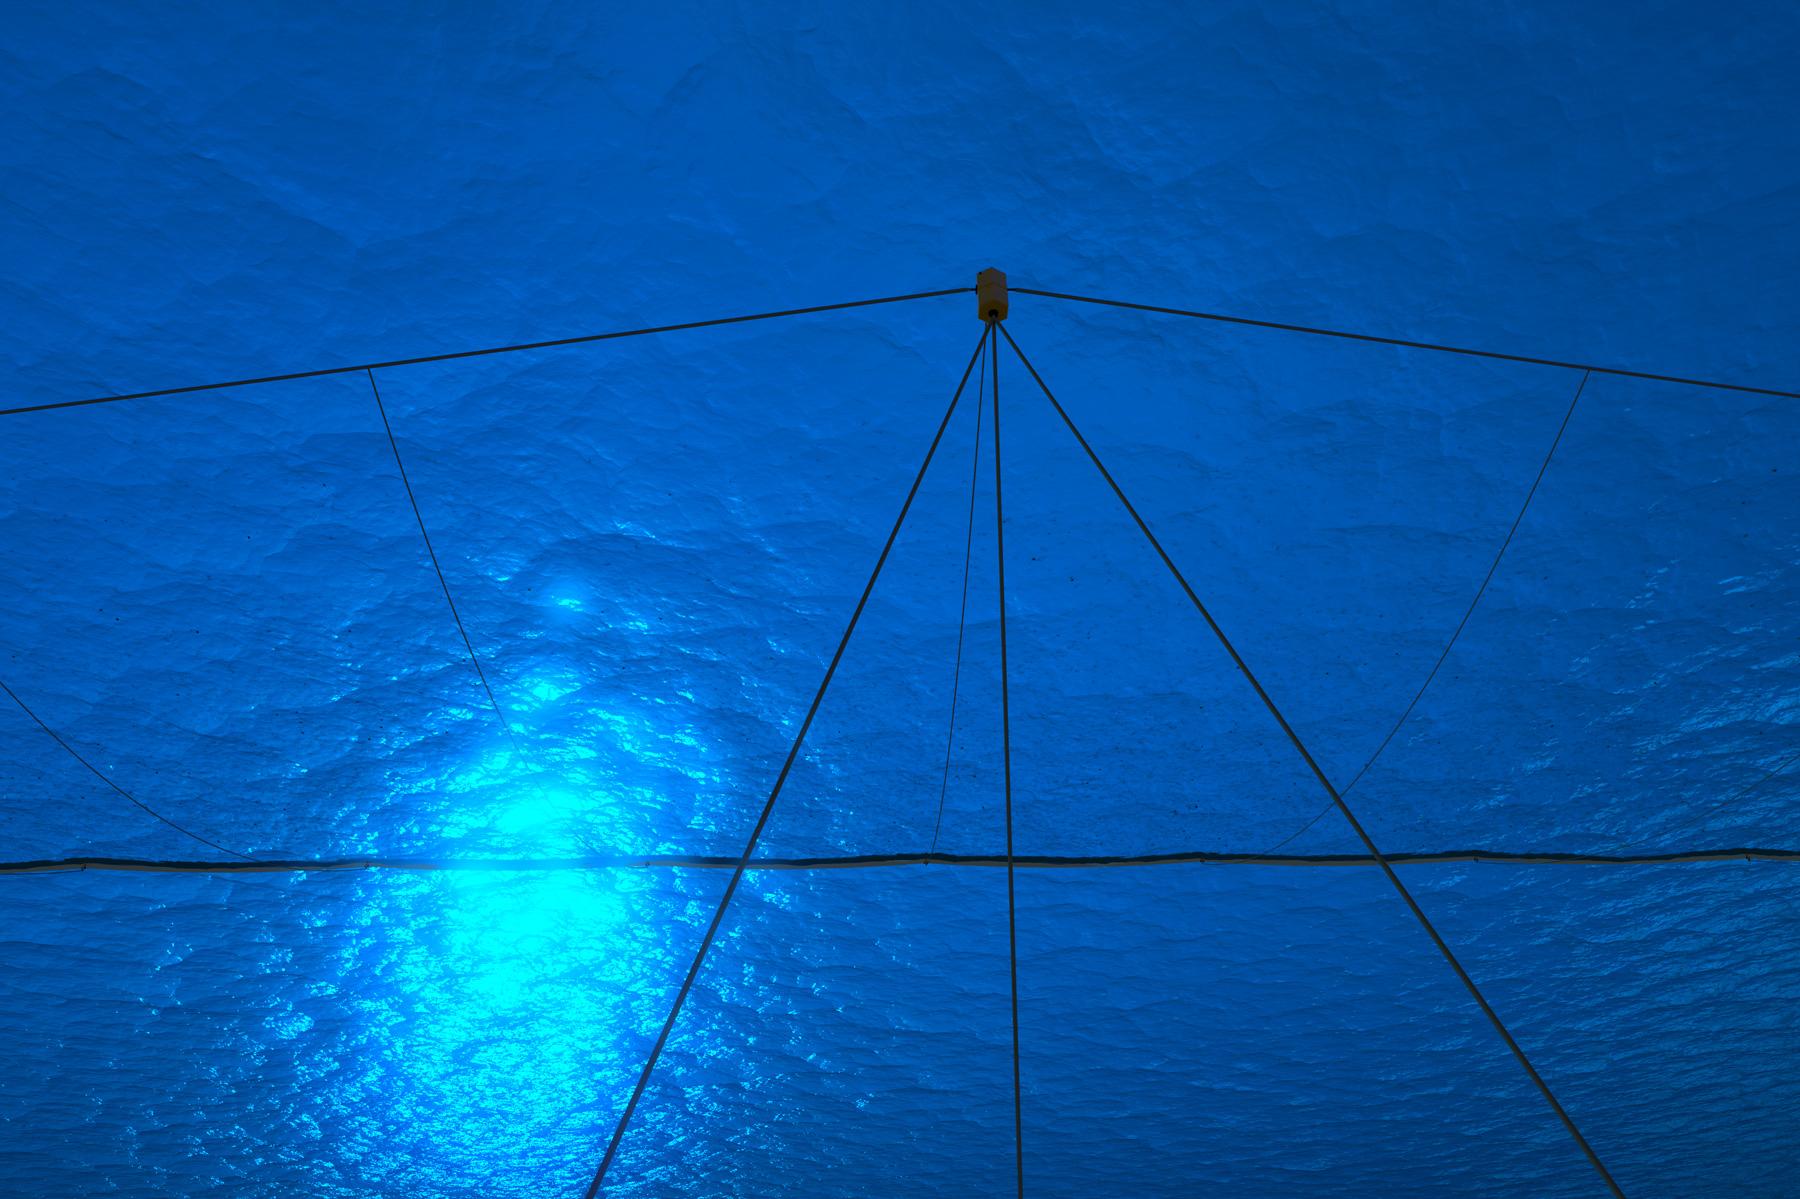 OceanCleanup_Underwater24bit_0013.jpg